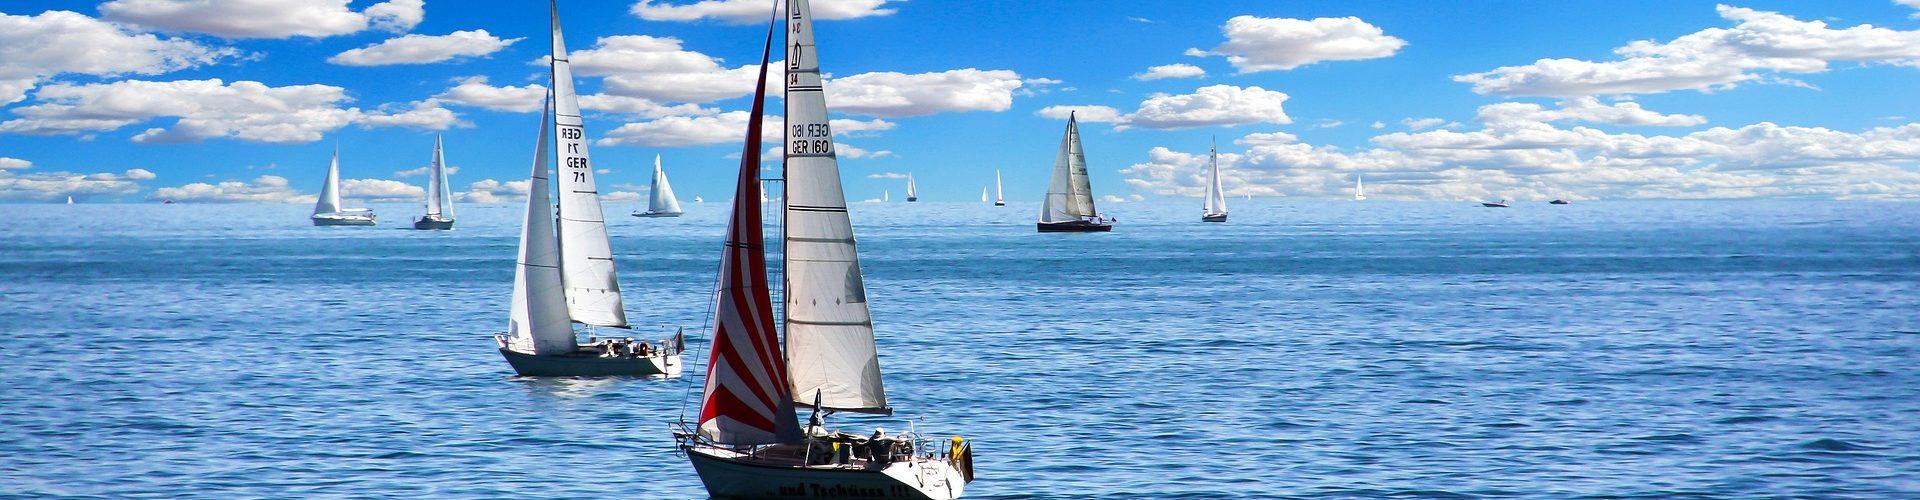 segeln lernen in Bebra segelschein machen in Bebra 1920x500 - Segeln lernen in Bebra